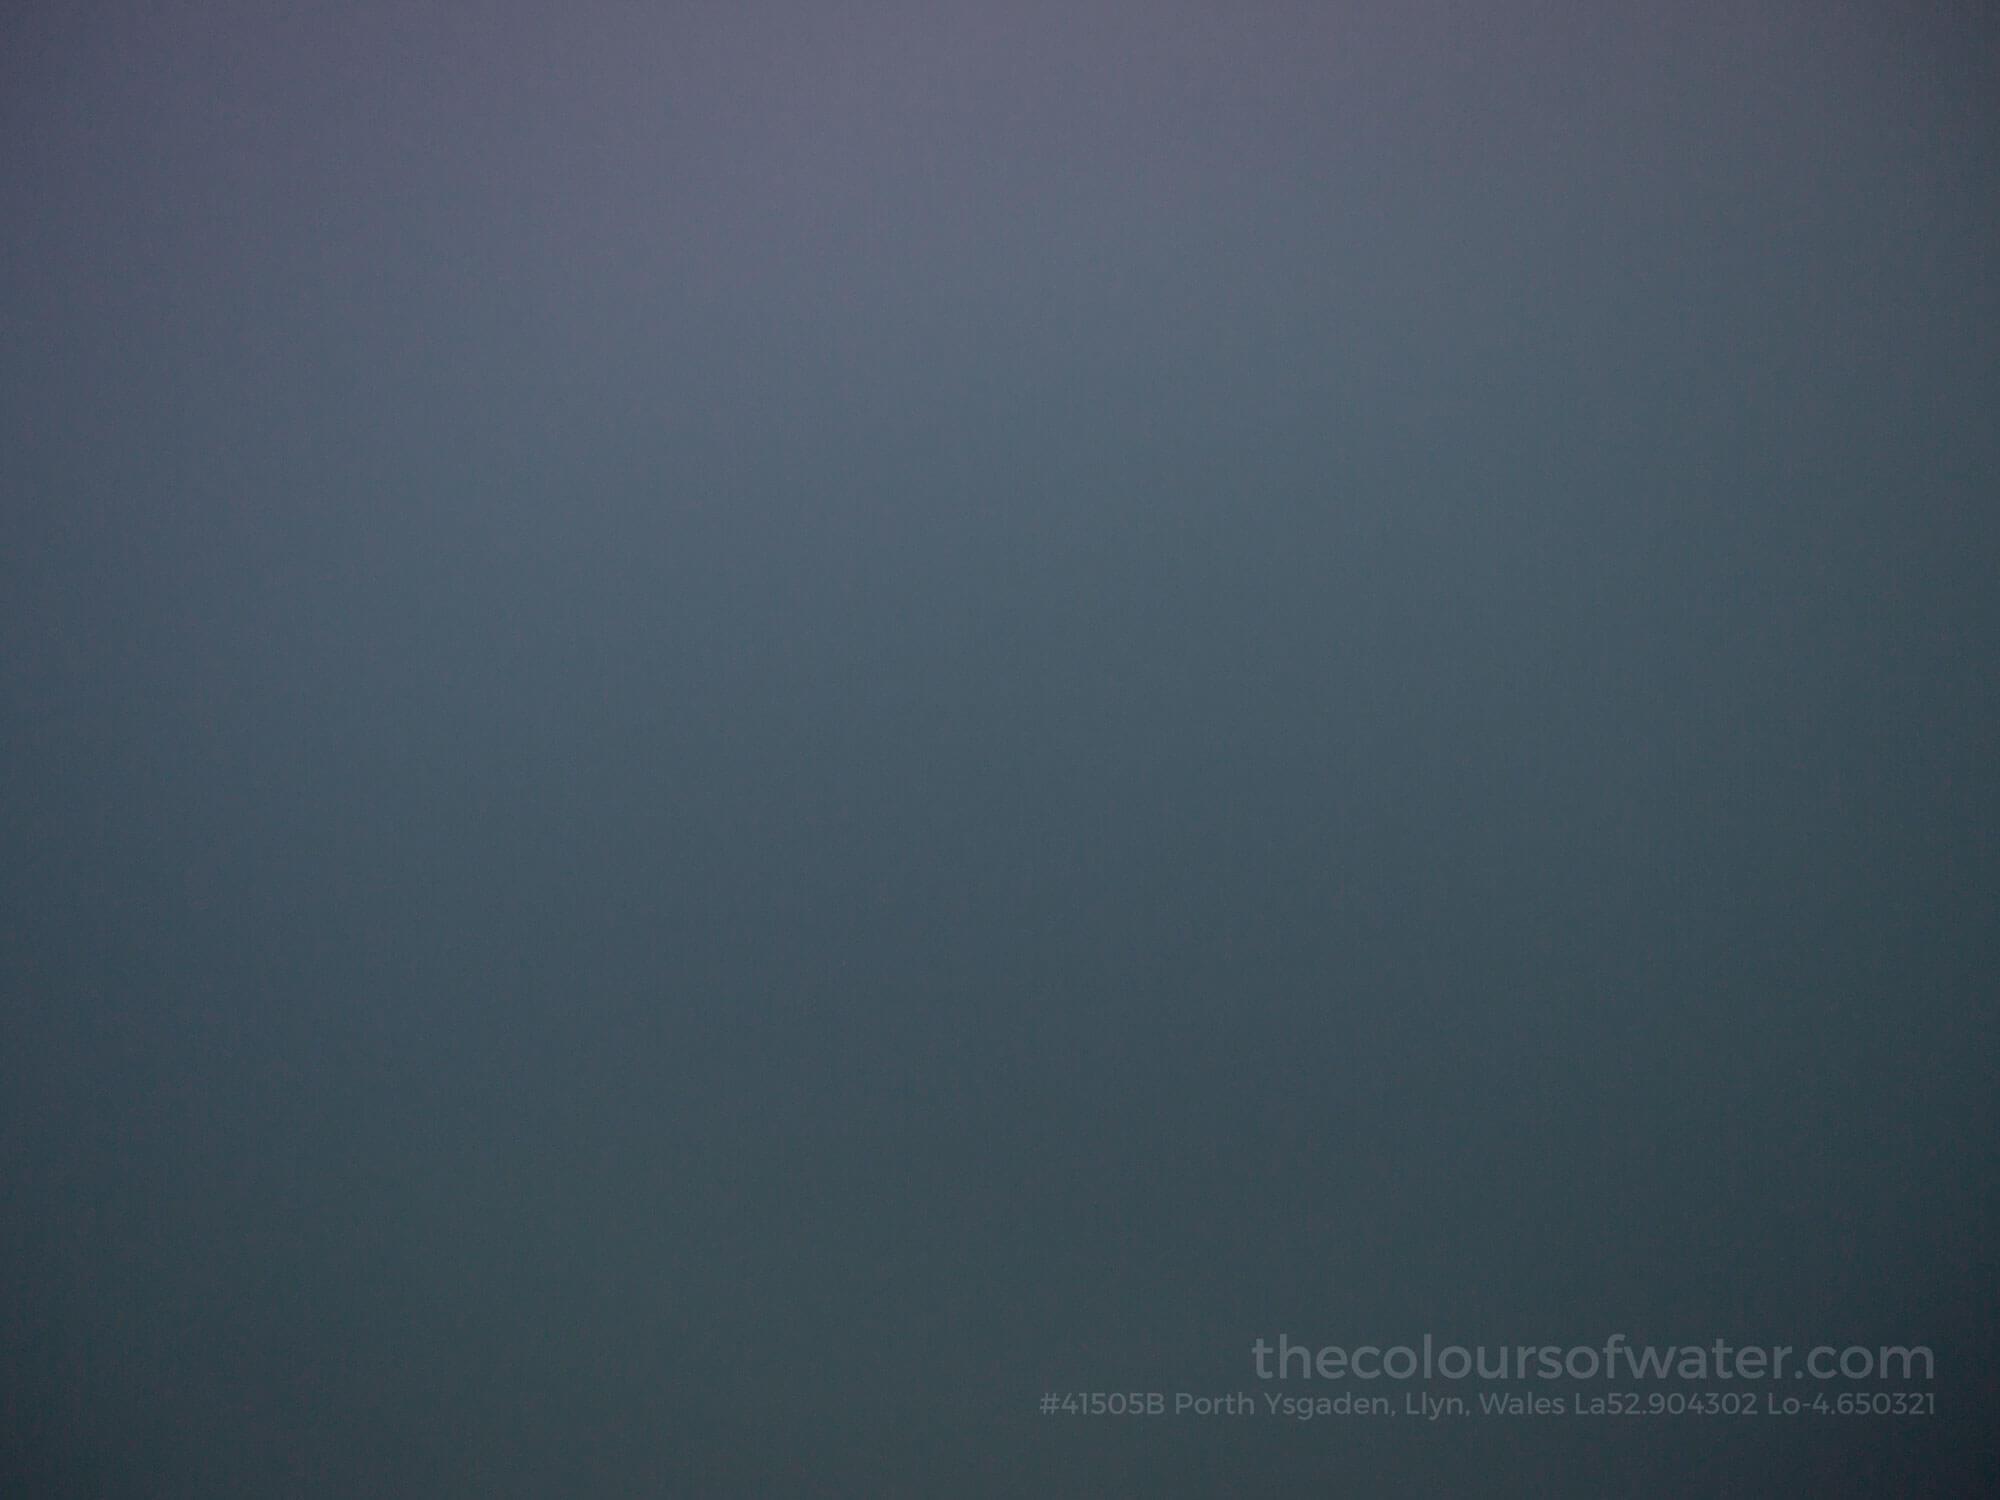 Porth Ysgaden Colour of Water Llyn Peninsula Wales